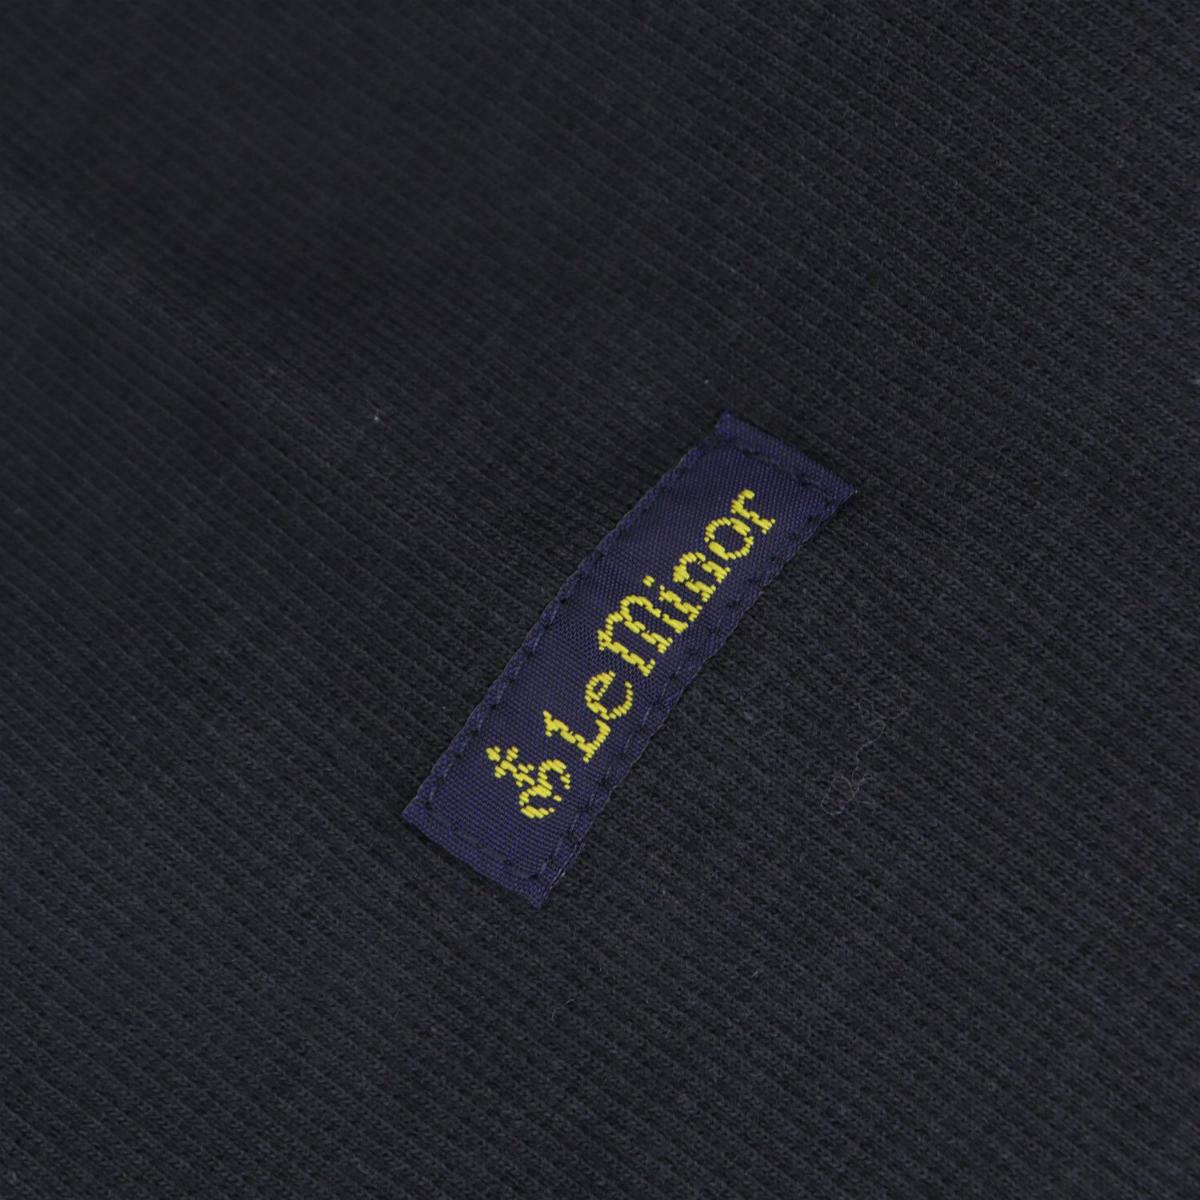 ルミノア Le minor レディース マイクロリブ 2WAY カーディガン LMRIB110 LMN V CARDIGAN CARBONE(ブラック)秋冬新作